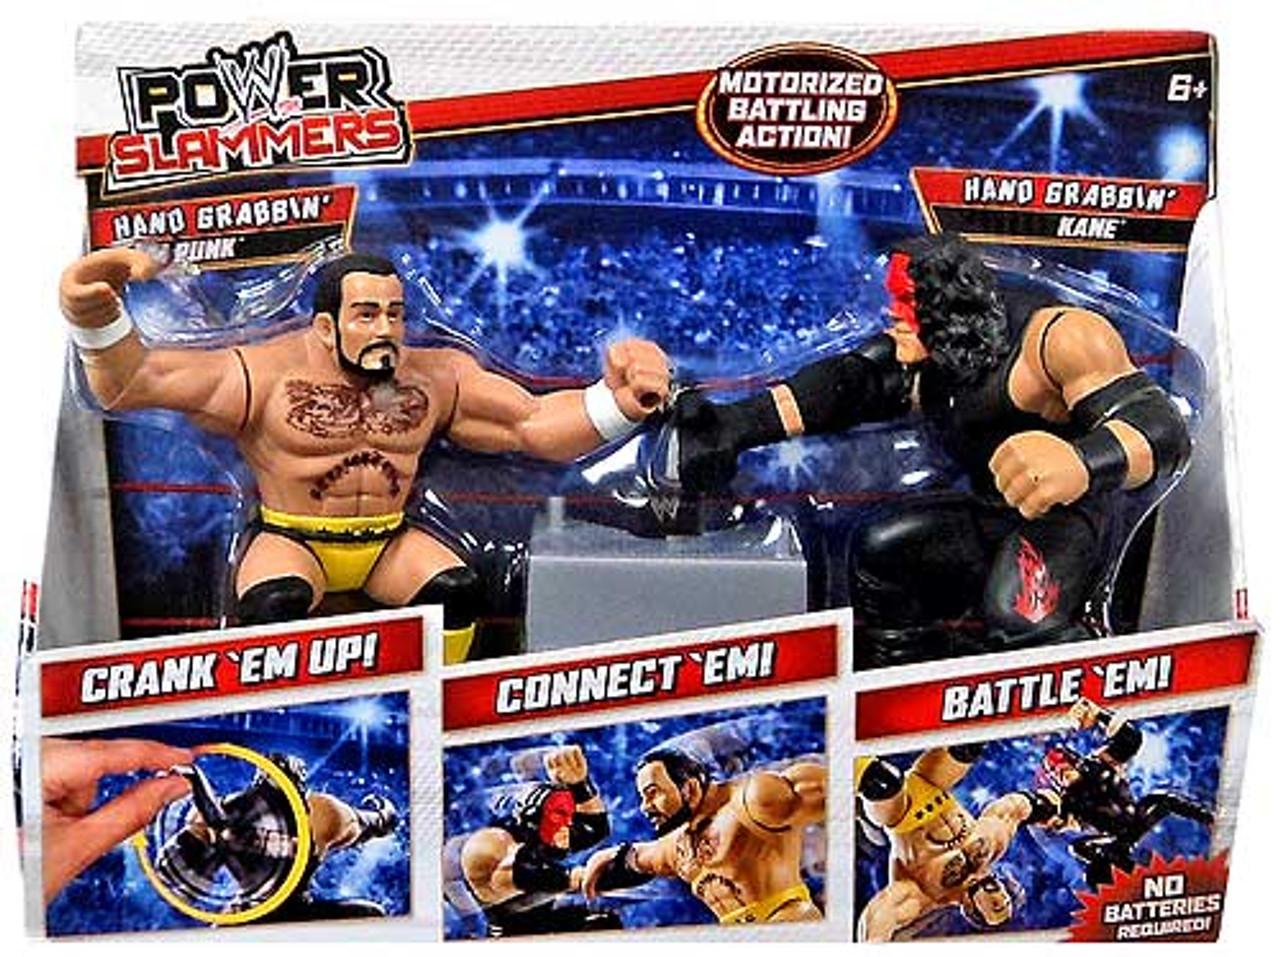 WWE Wrestling Power Slammers Hand Grabbin' CM Hand Grabbin' Punk & Kane Action Figure 2-Pack